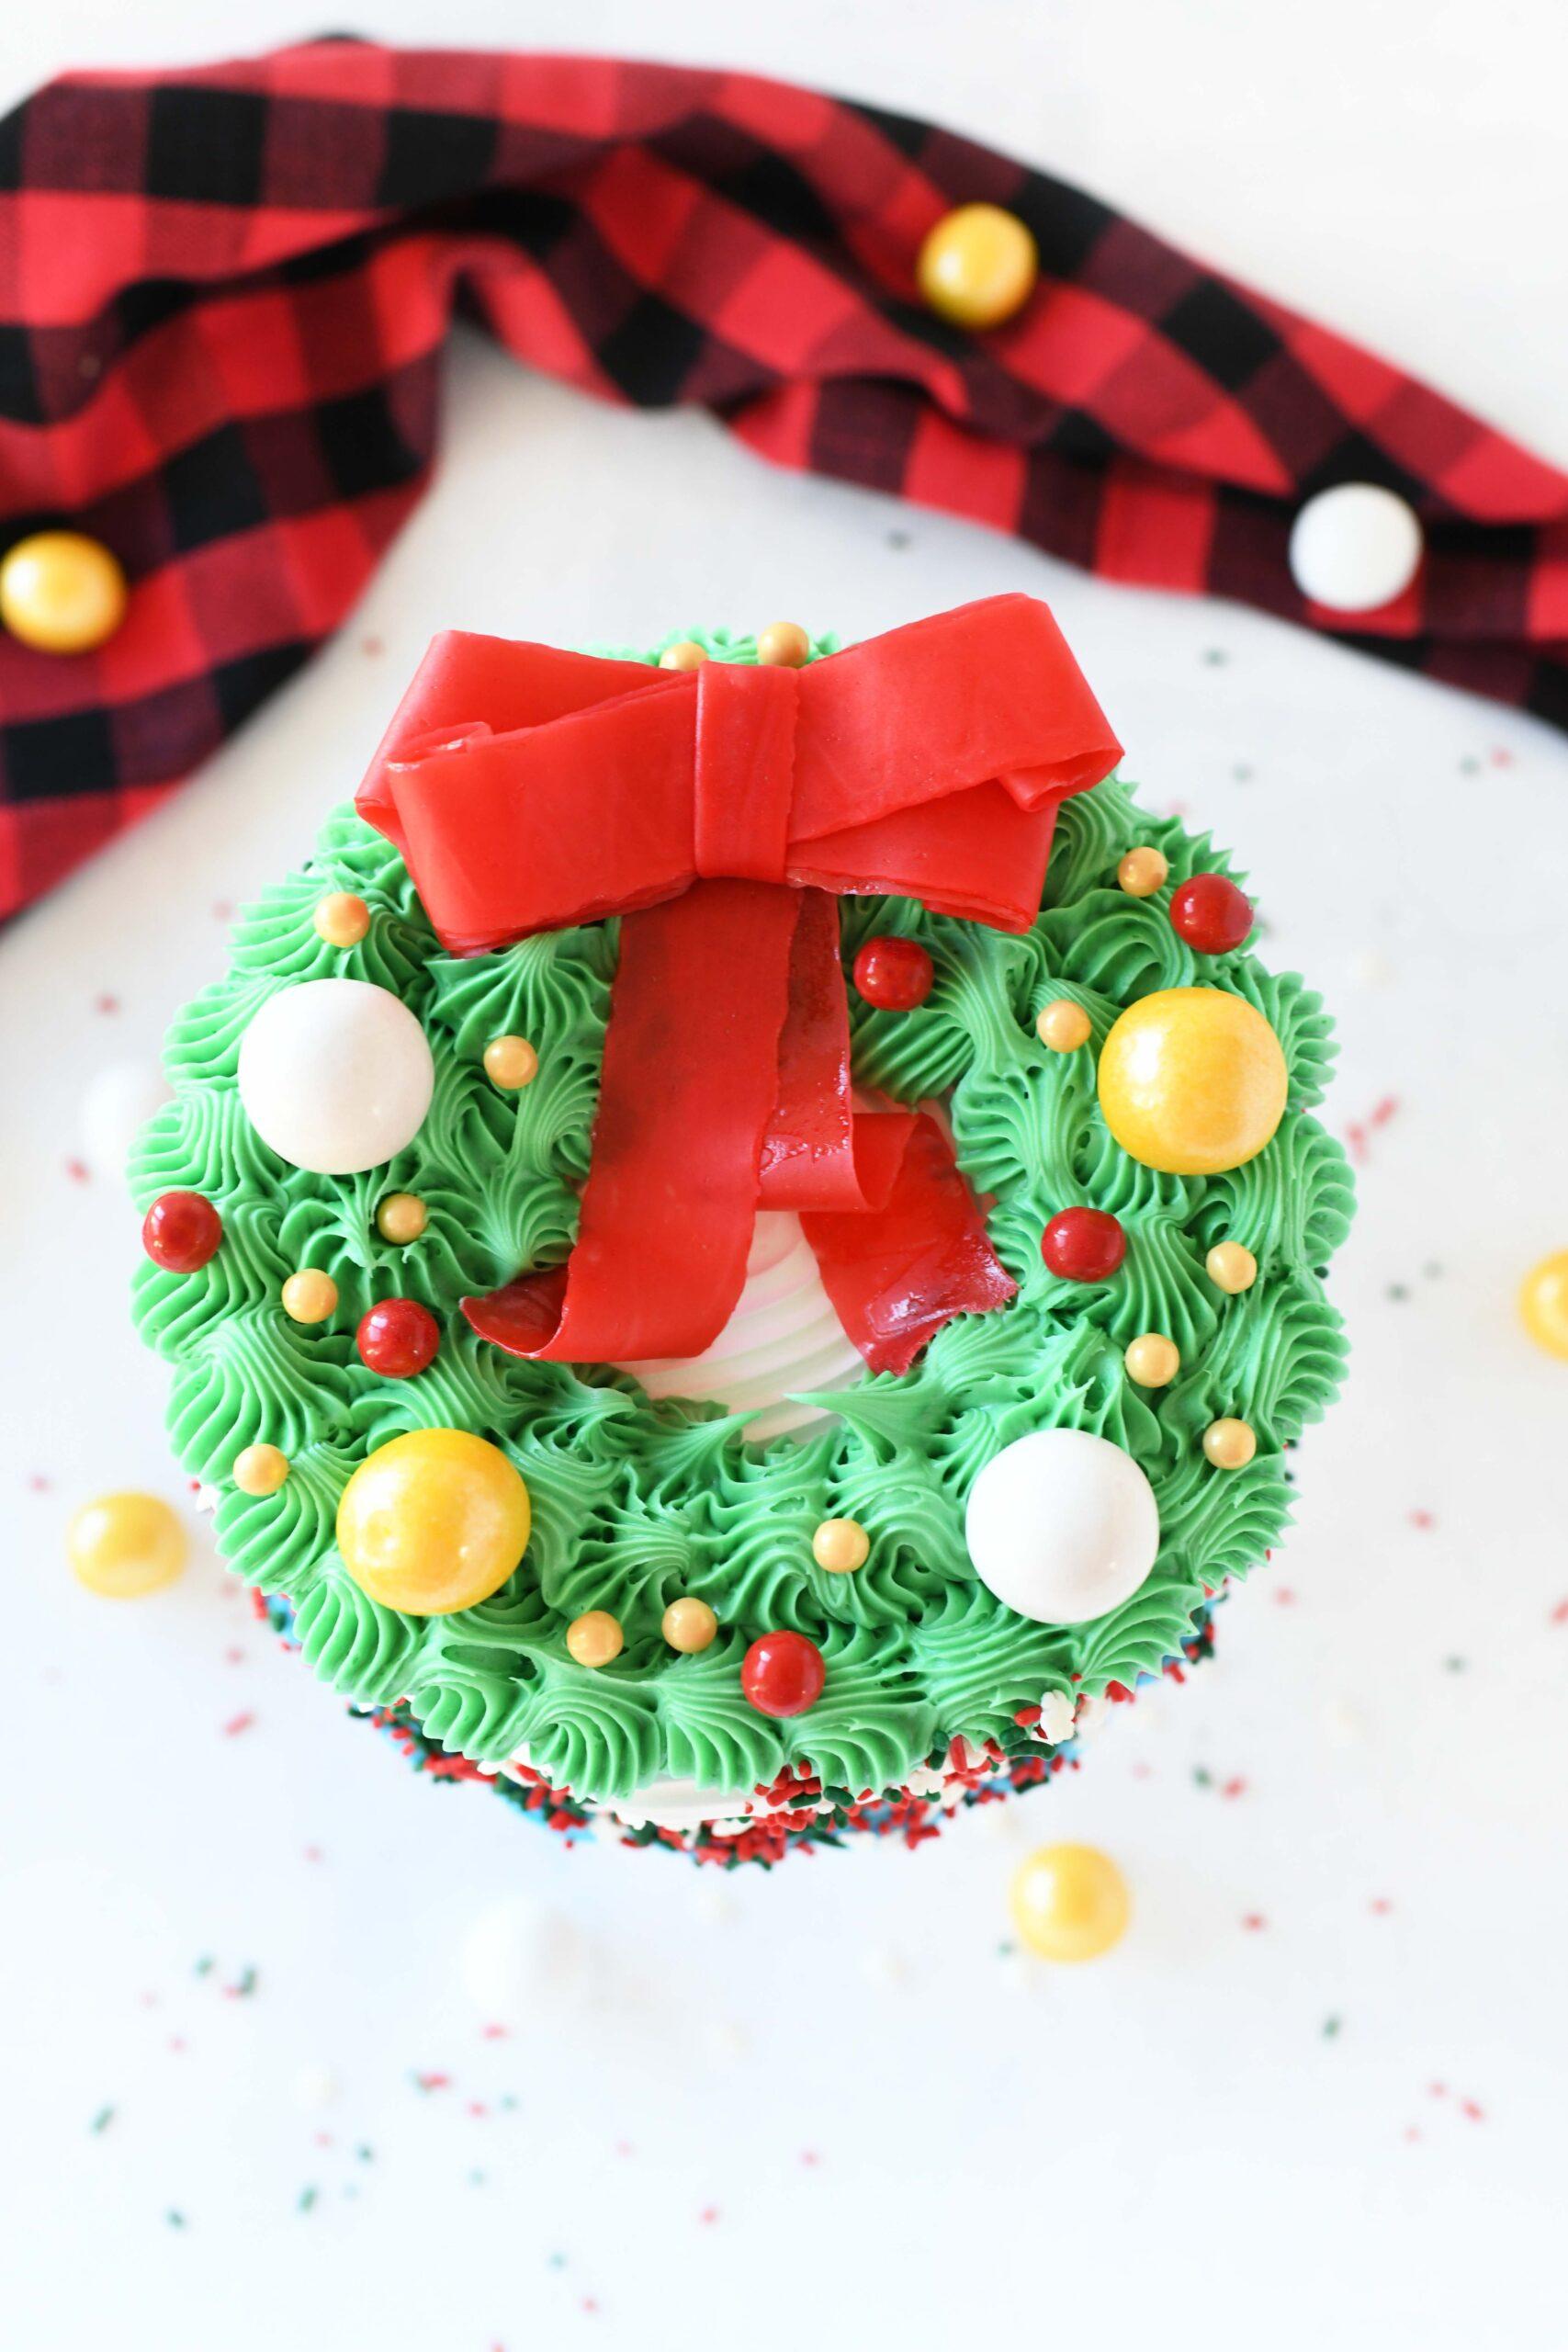 pretty wreath ice cream cake